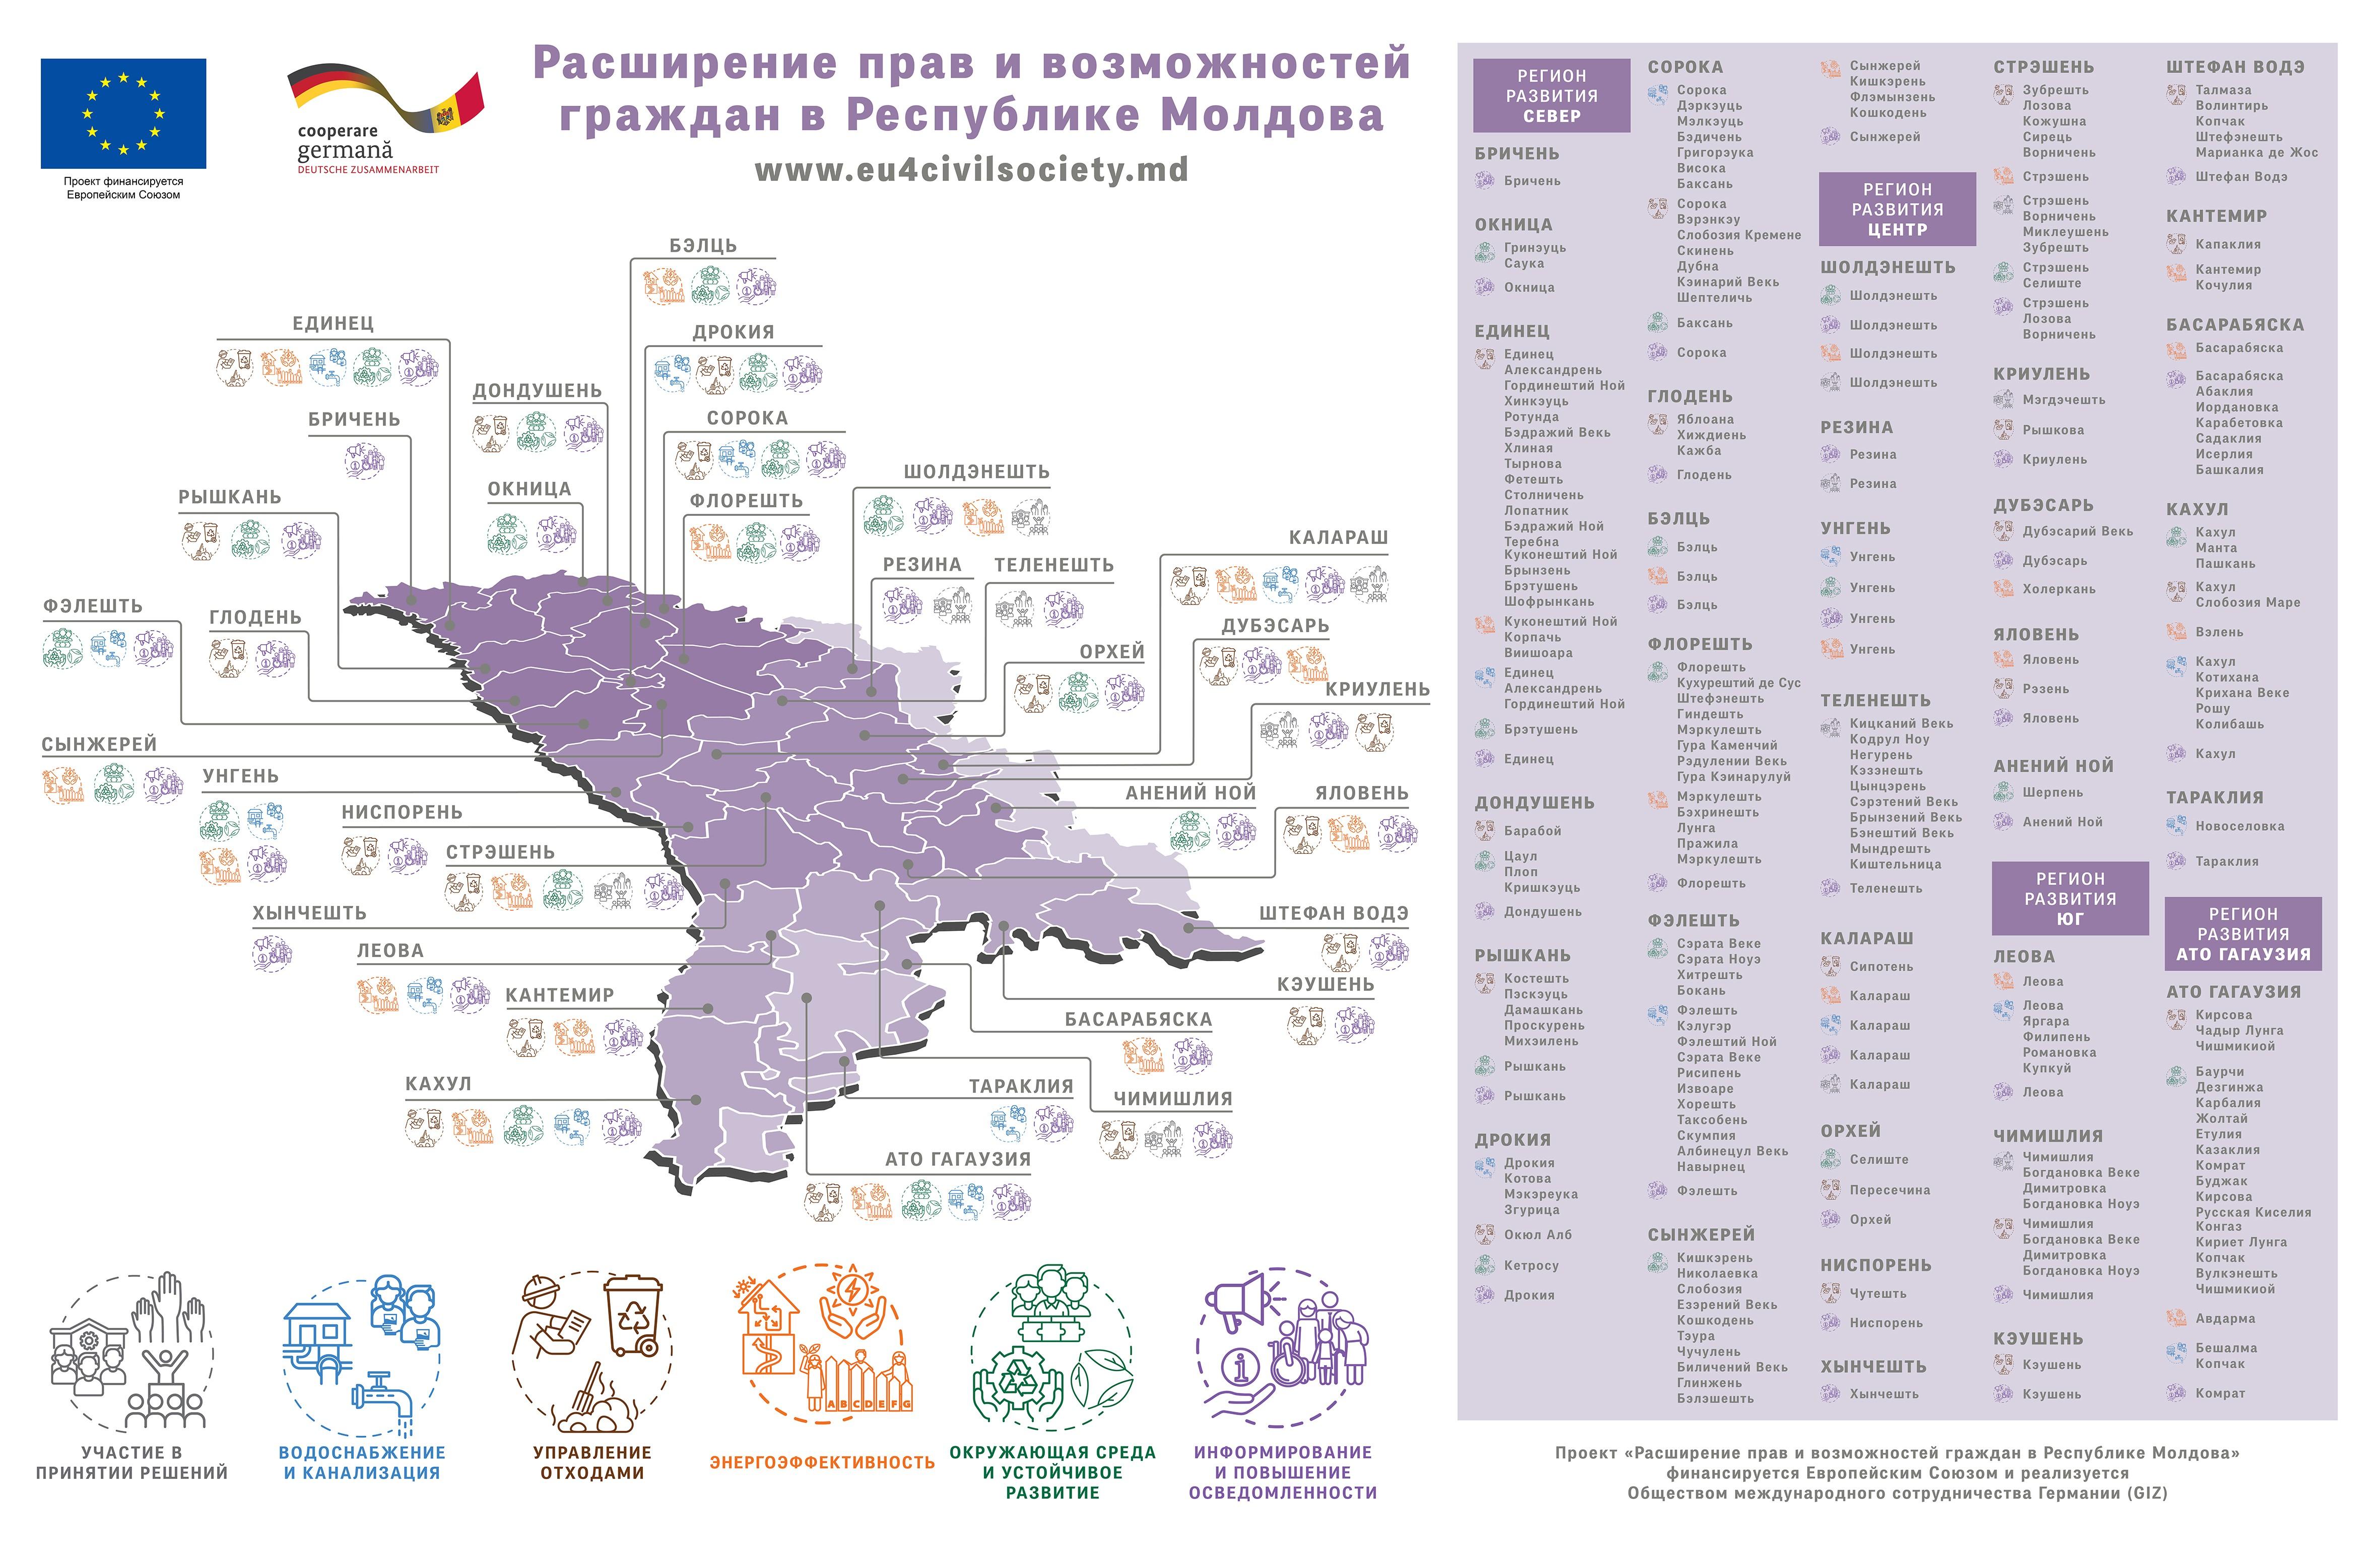 Карта проэктов ПМГ